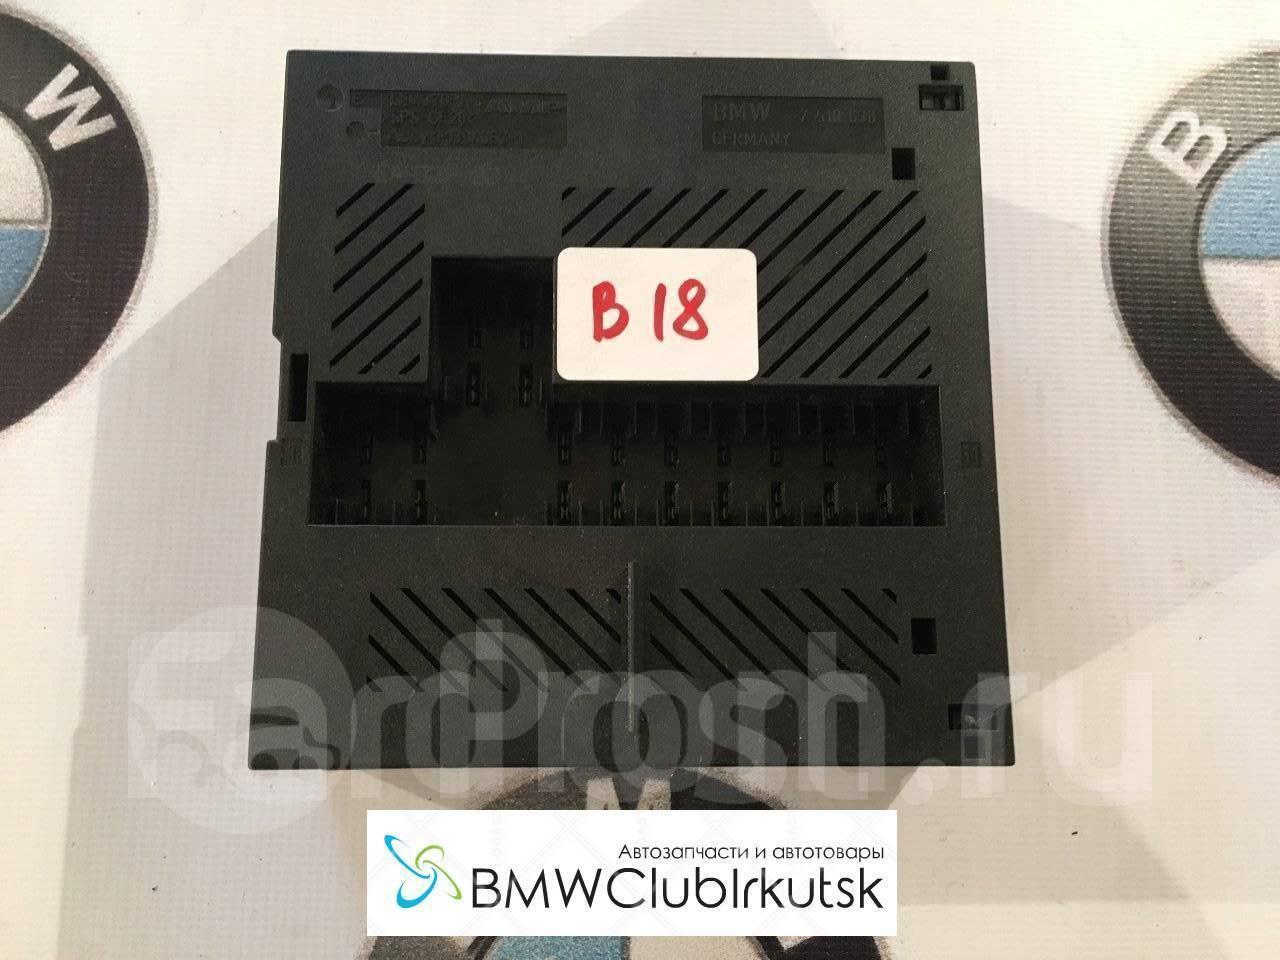 1c301ee1e Запчасти БМВ Х5 купить ! Цены на новые, бу и контрактные запчасти для авто  BMW X5